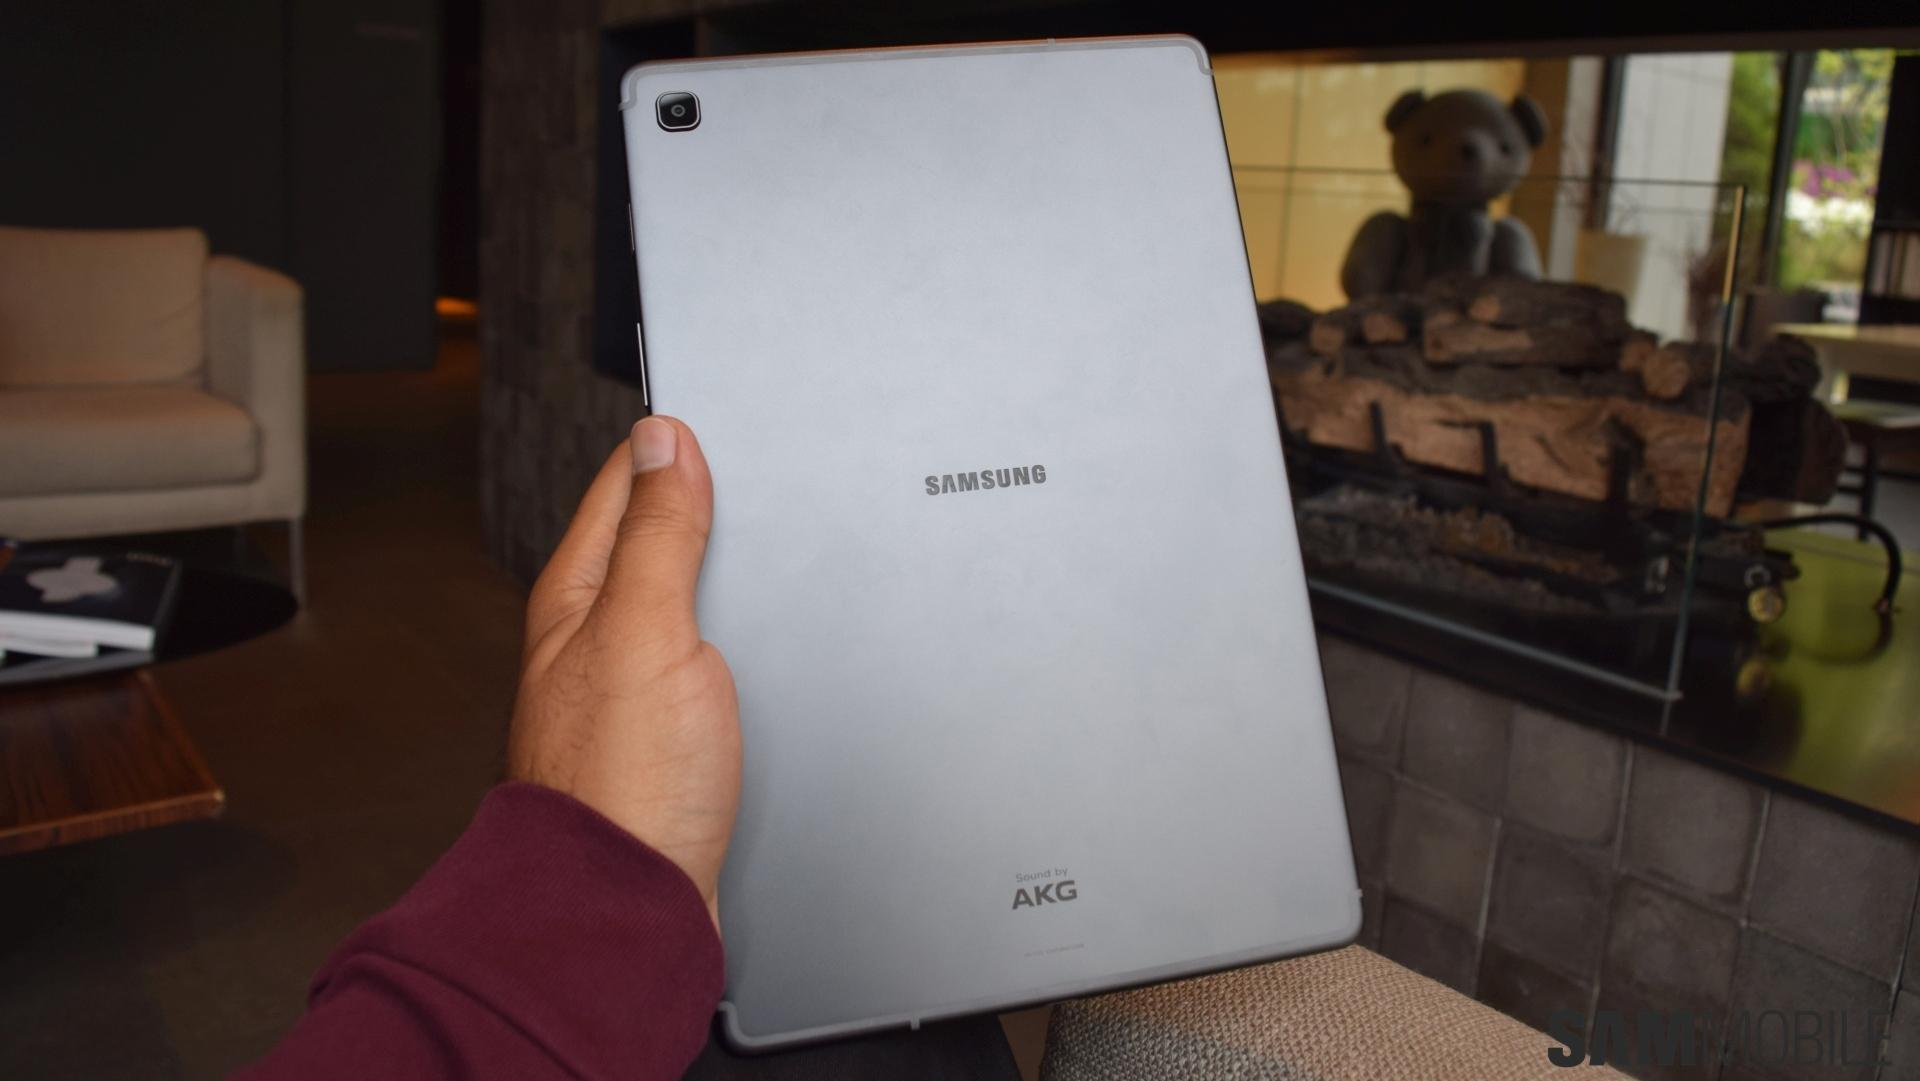 Samsung Galaxy Tab S5e review: An unbeatable value